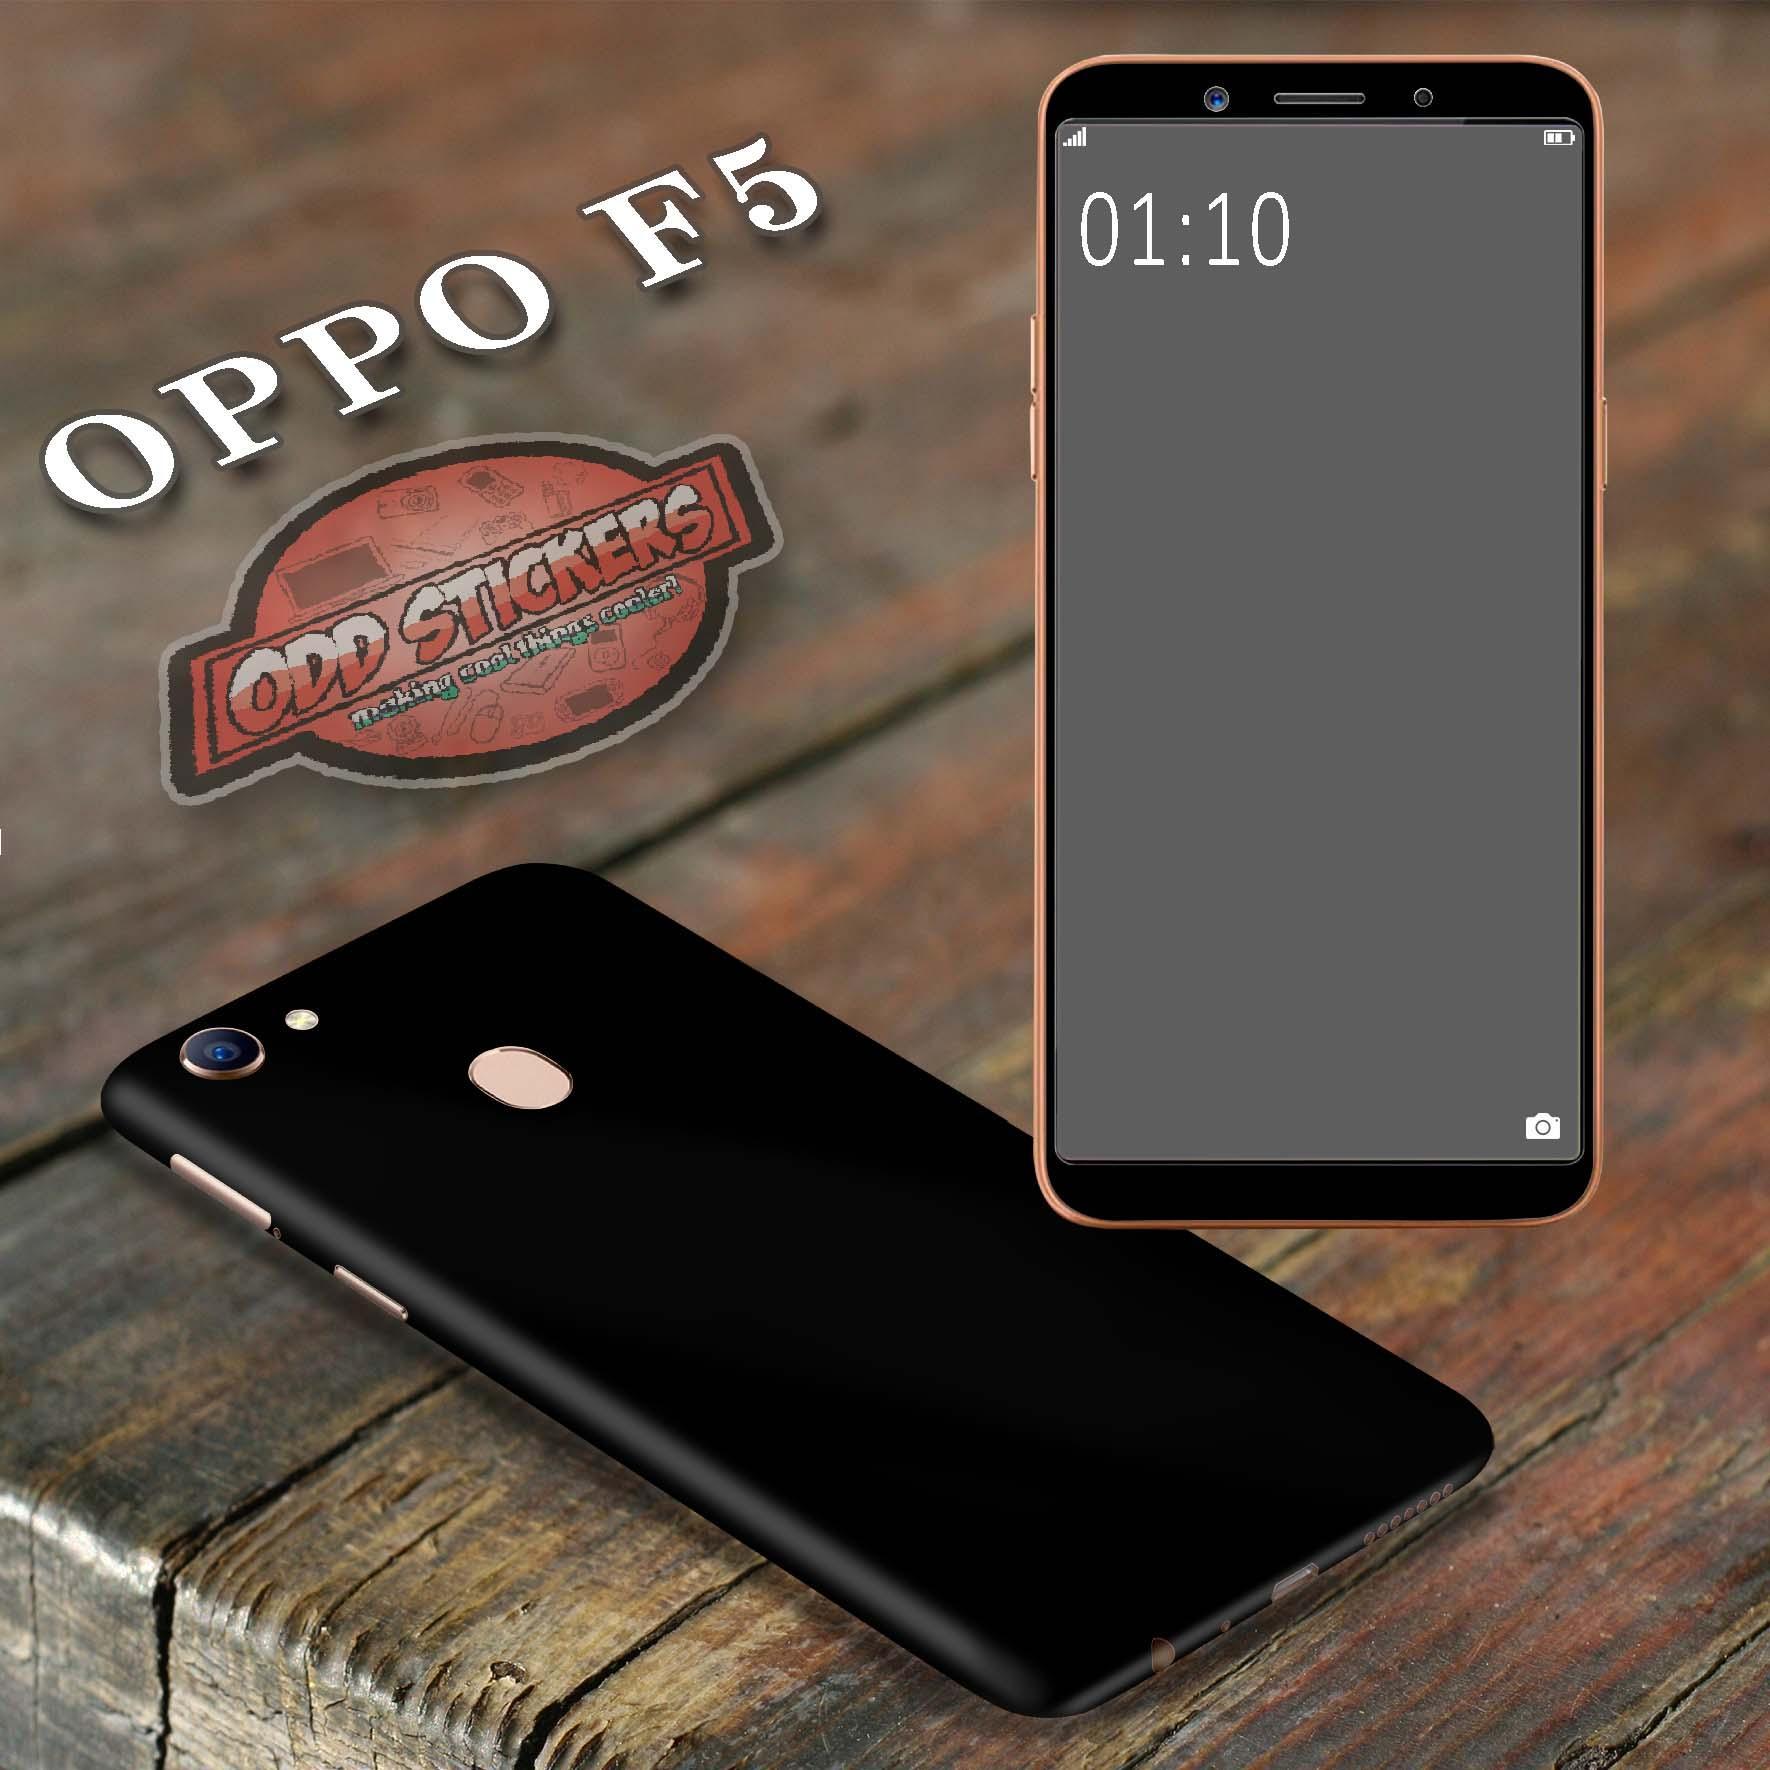 Oddstickers Phone Skin Cover for Oppo F5 satin black